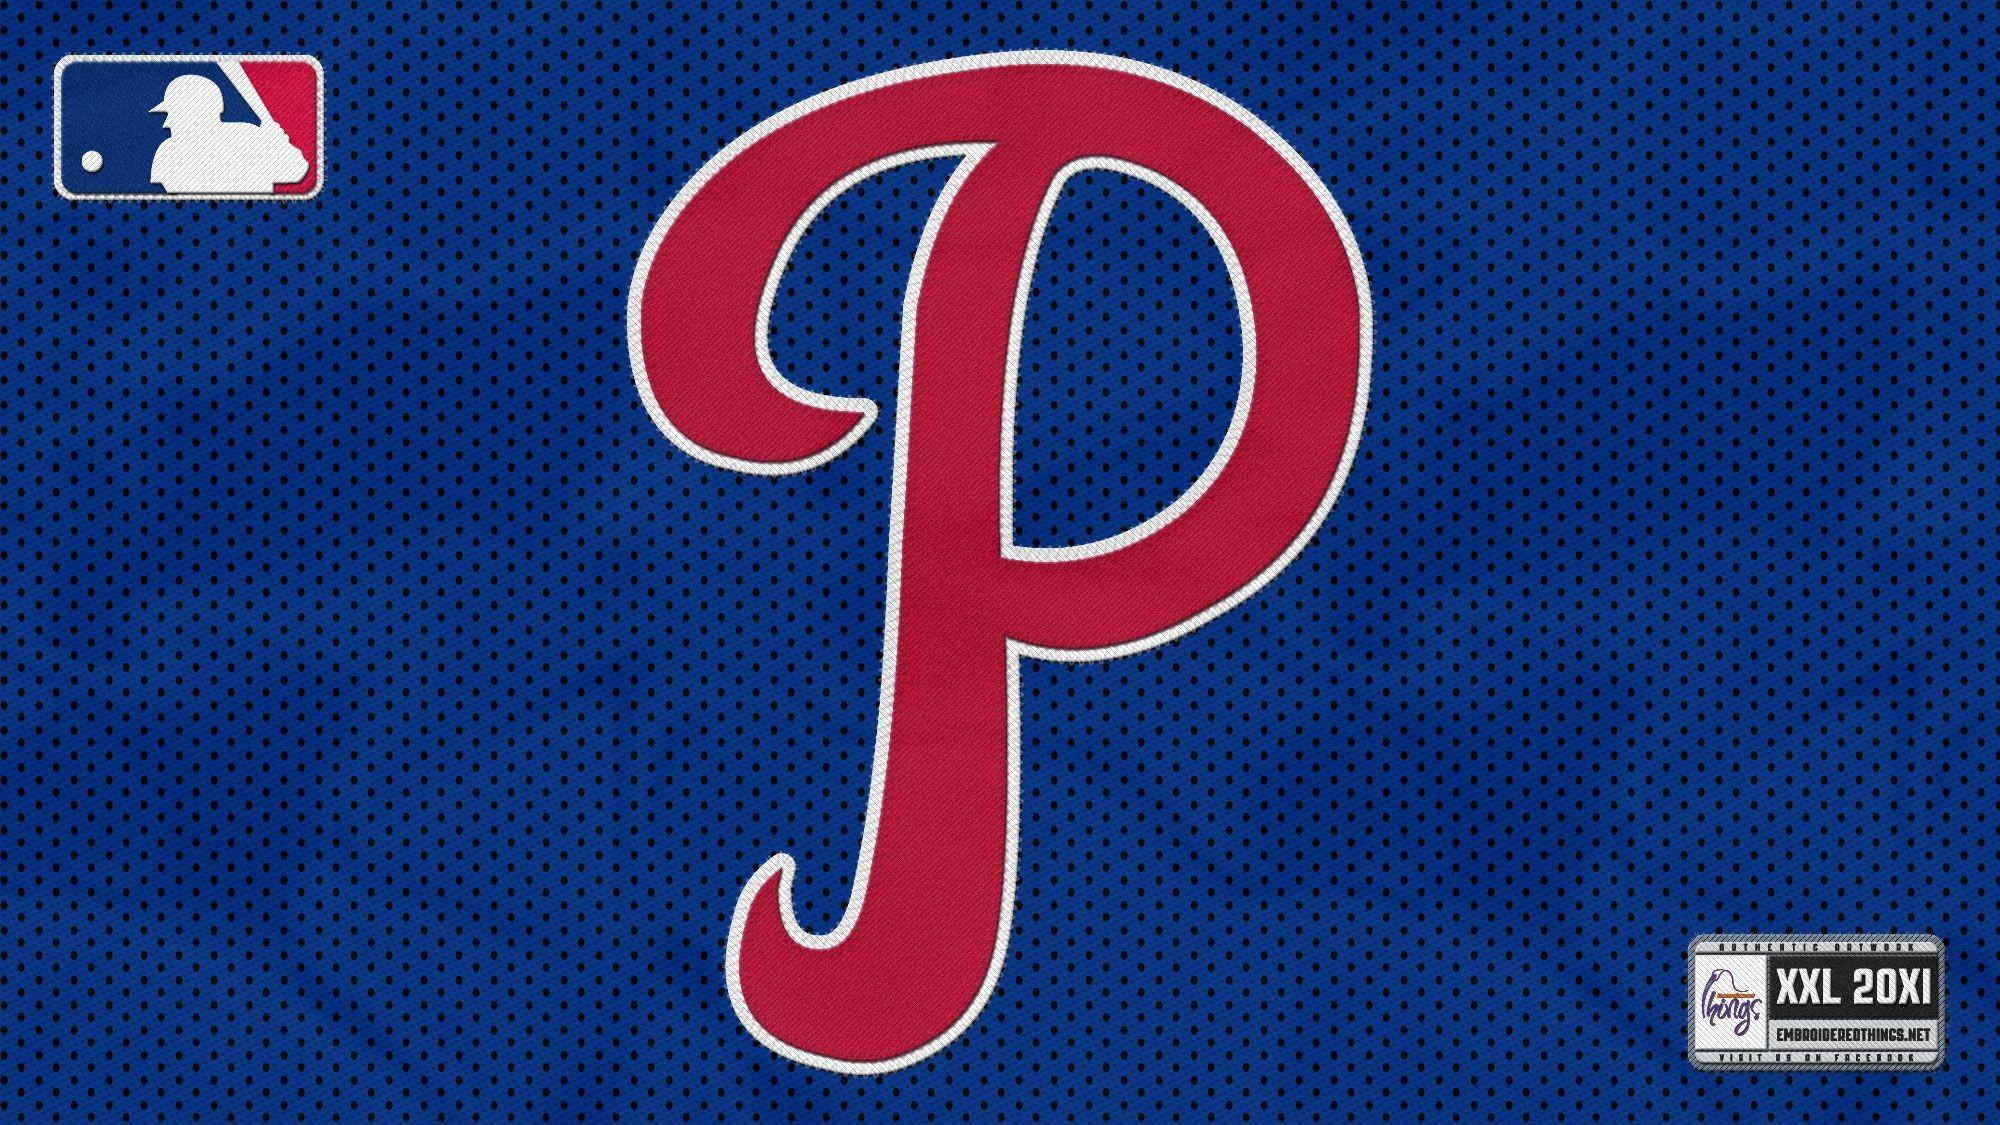 PHILADELPHIA PHILLIES mlb baseball (24) wallpaper